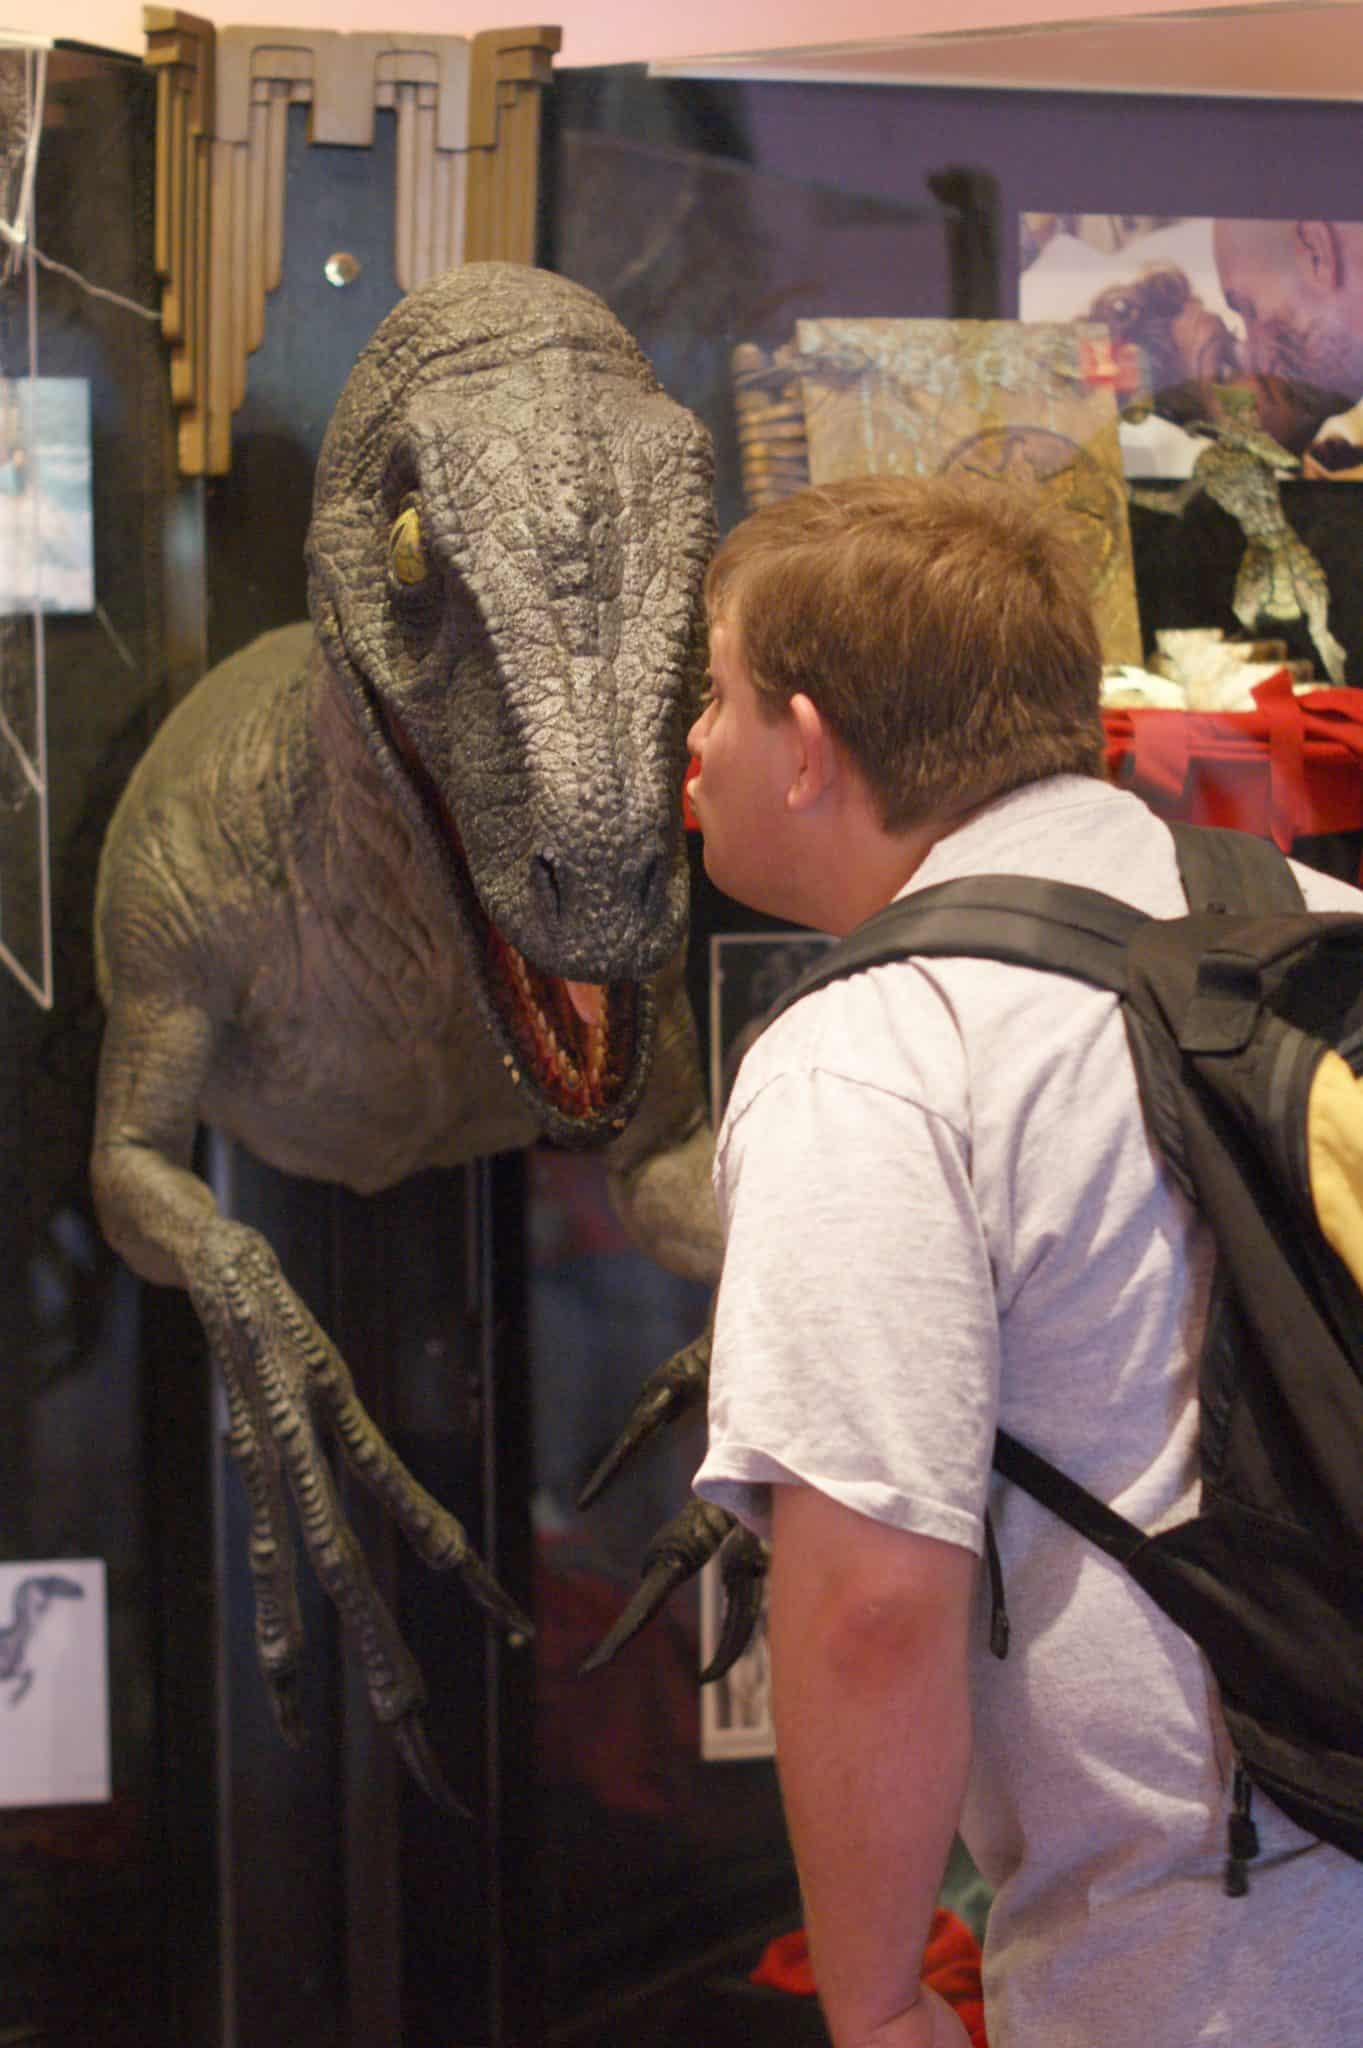 Jurassic Park Prop - #UniversalStudios #DiagonAlley #Travel #Florida #orlando #Universal #JurassicPark